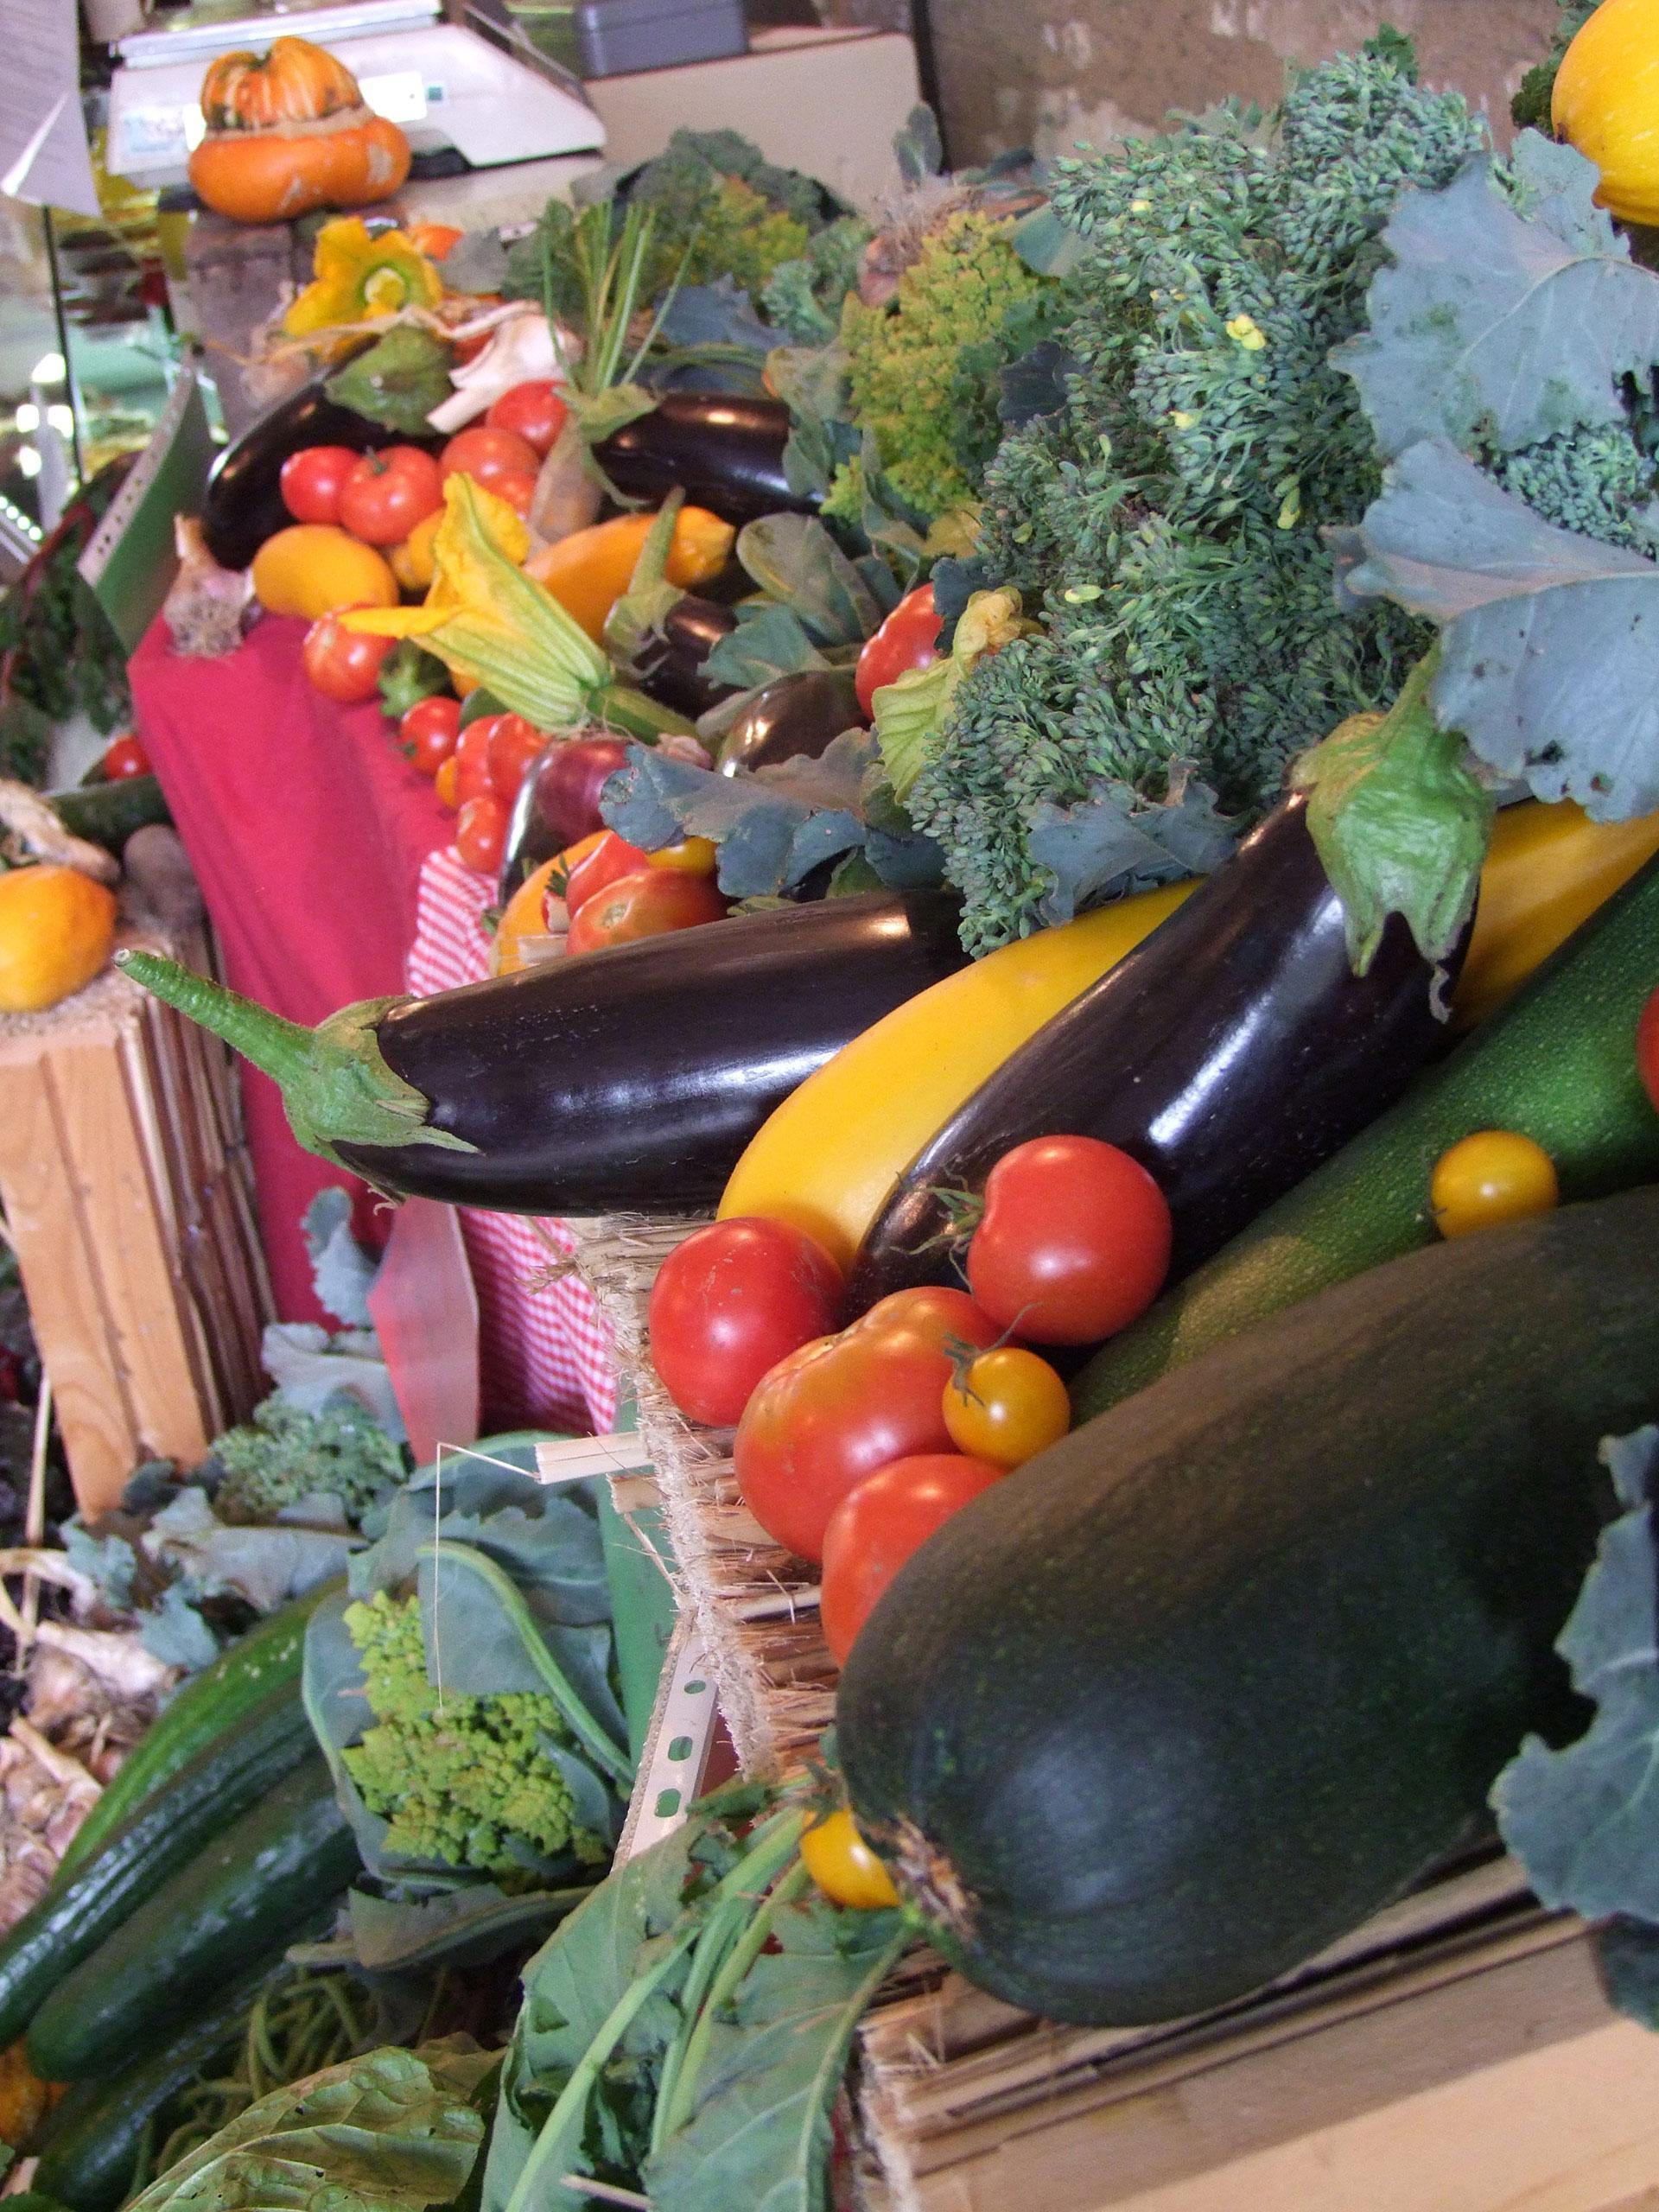 Ferme - Arc-en-ciel - Wellin - valeurs fondamentales - légumes de qualité